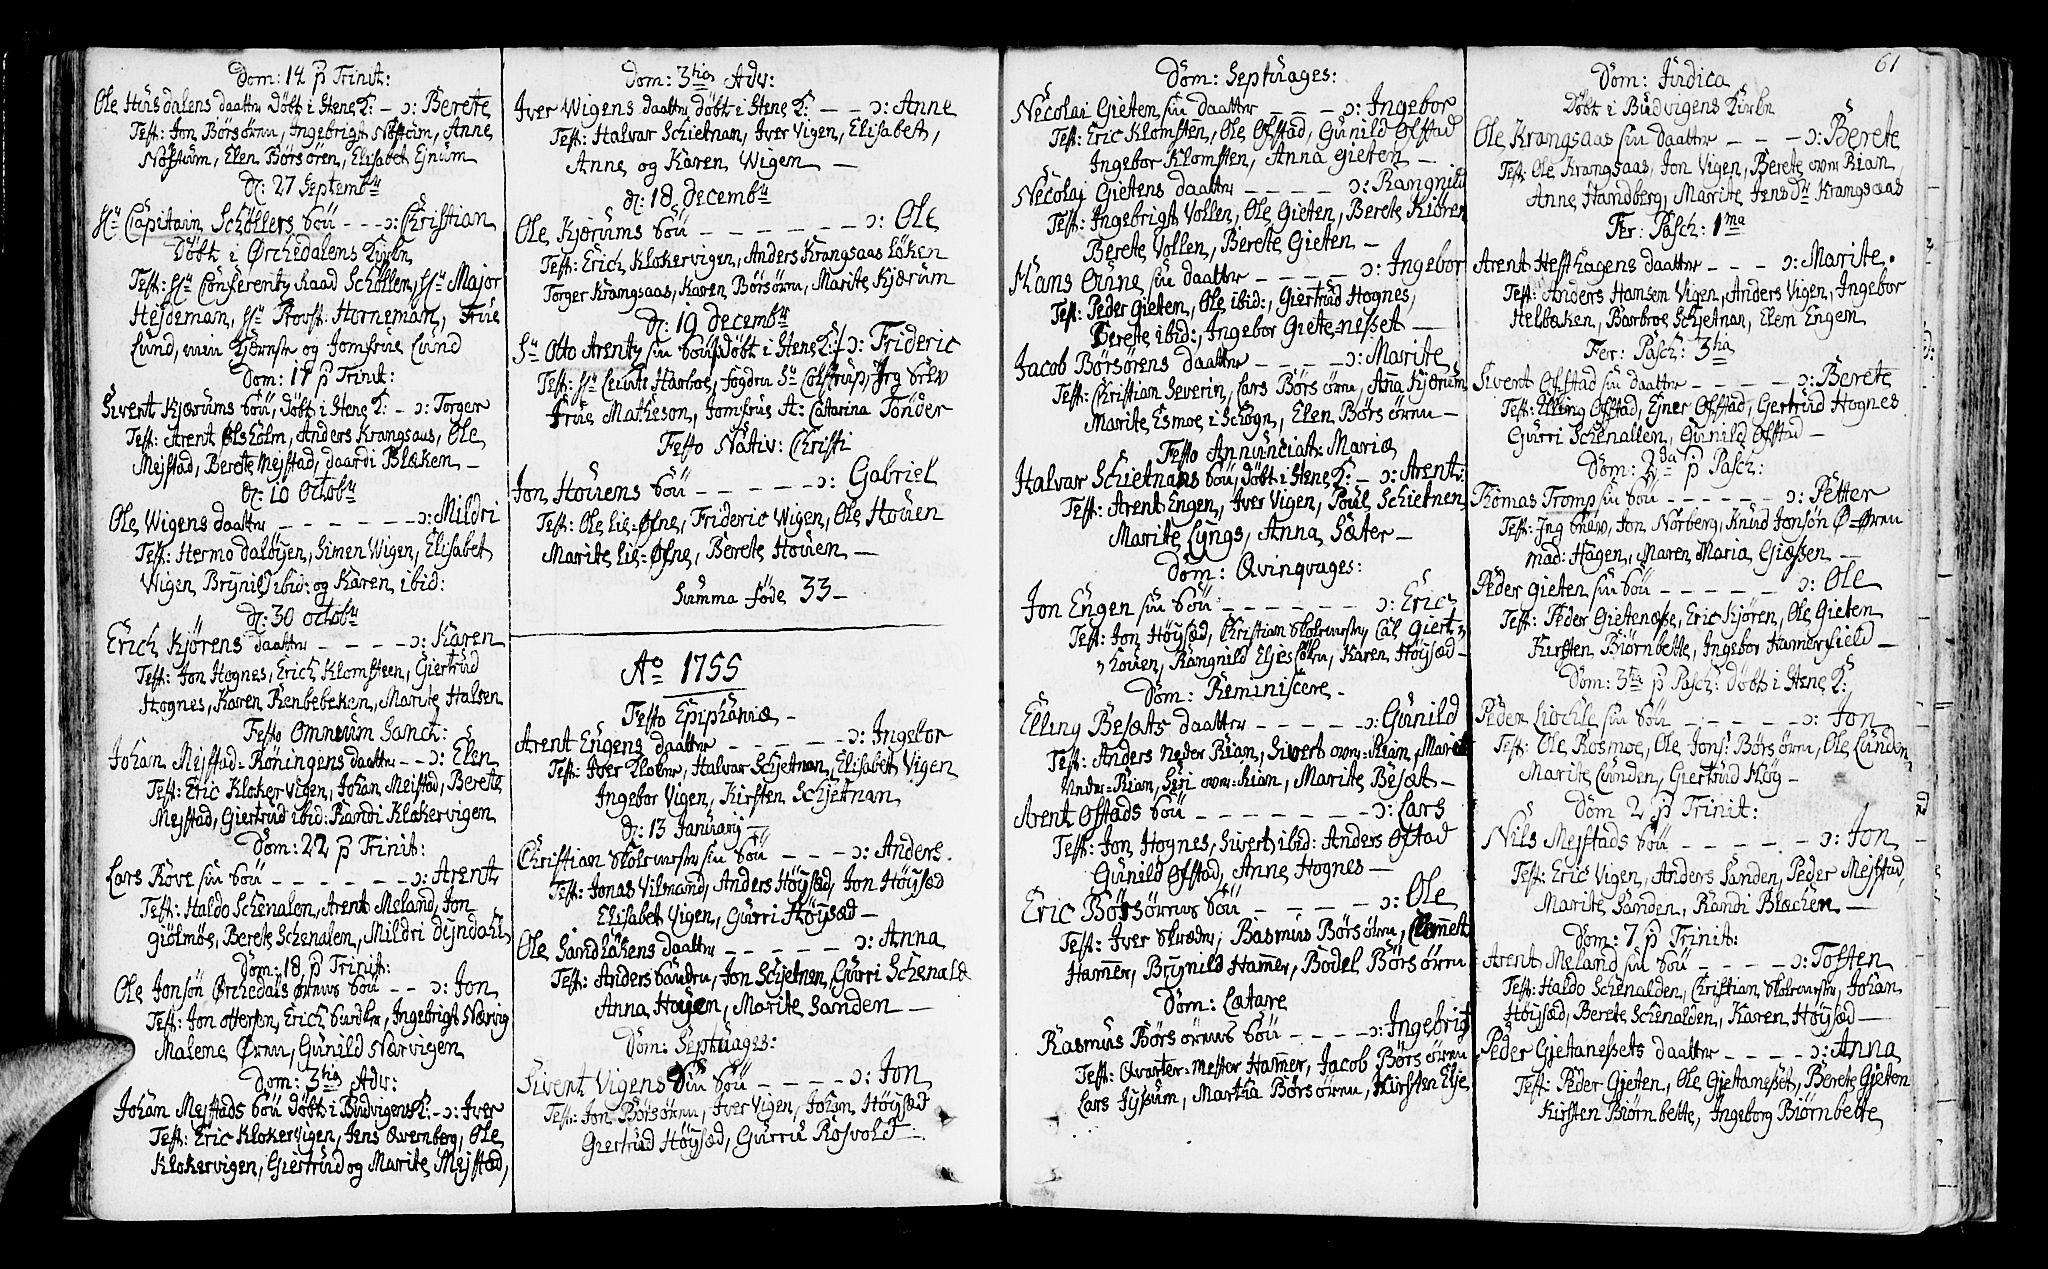 SAT, Ministerialprotokoller, klokkerbøker og fødselsregistre - Sør-Trøndelag, 665/L0768: Ministerialbok nr. 665A03, 1754-1803, s. 61